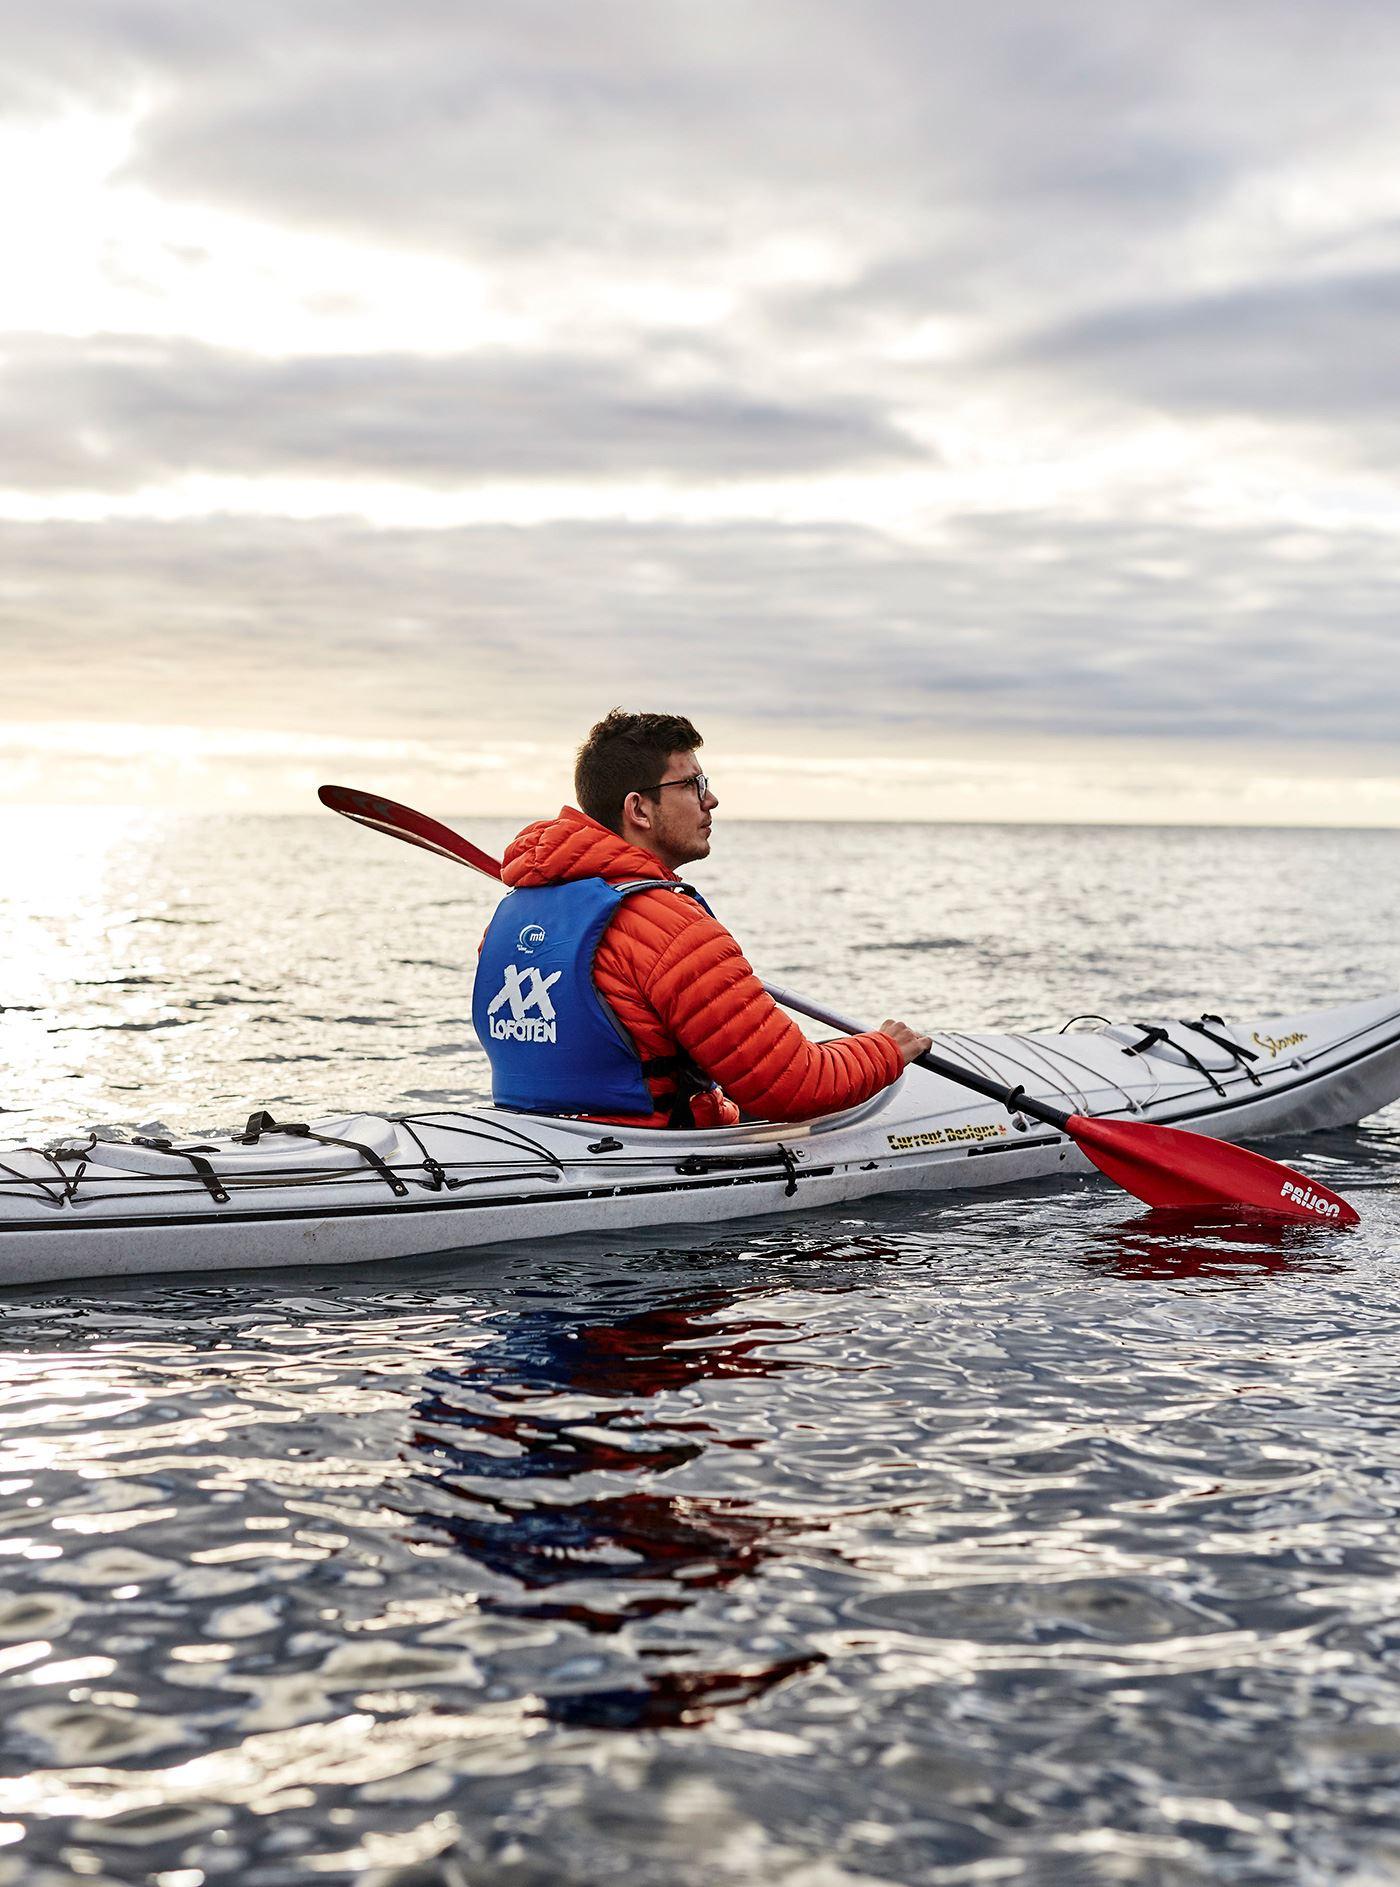 Winter kayaking from Svolvær harbour